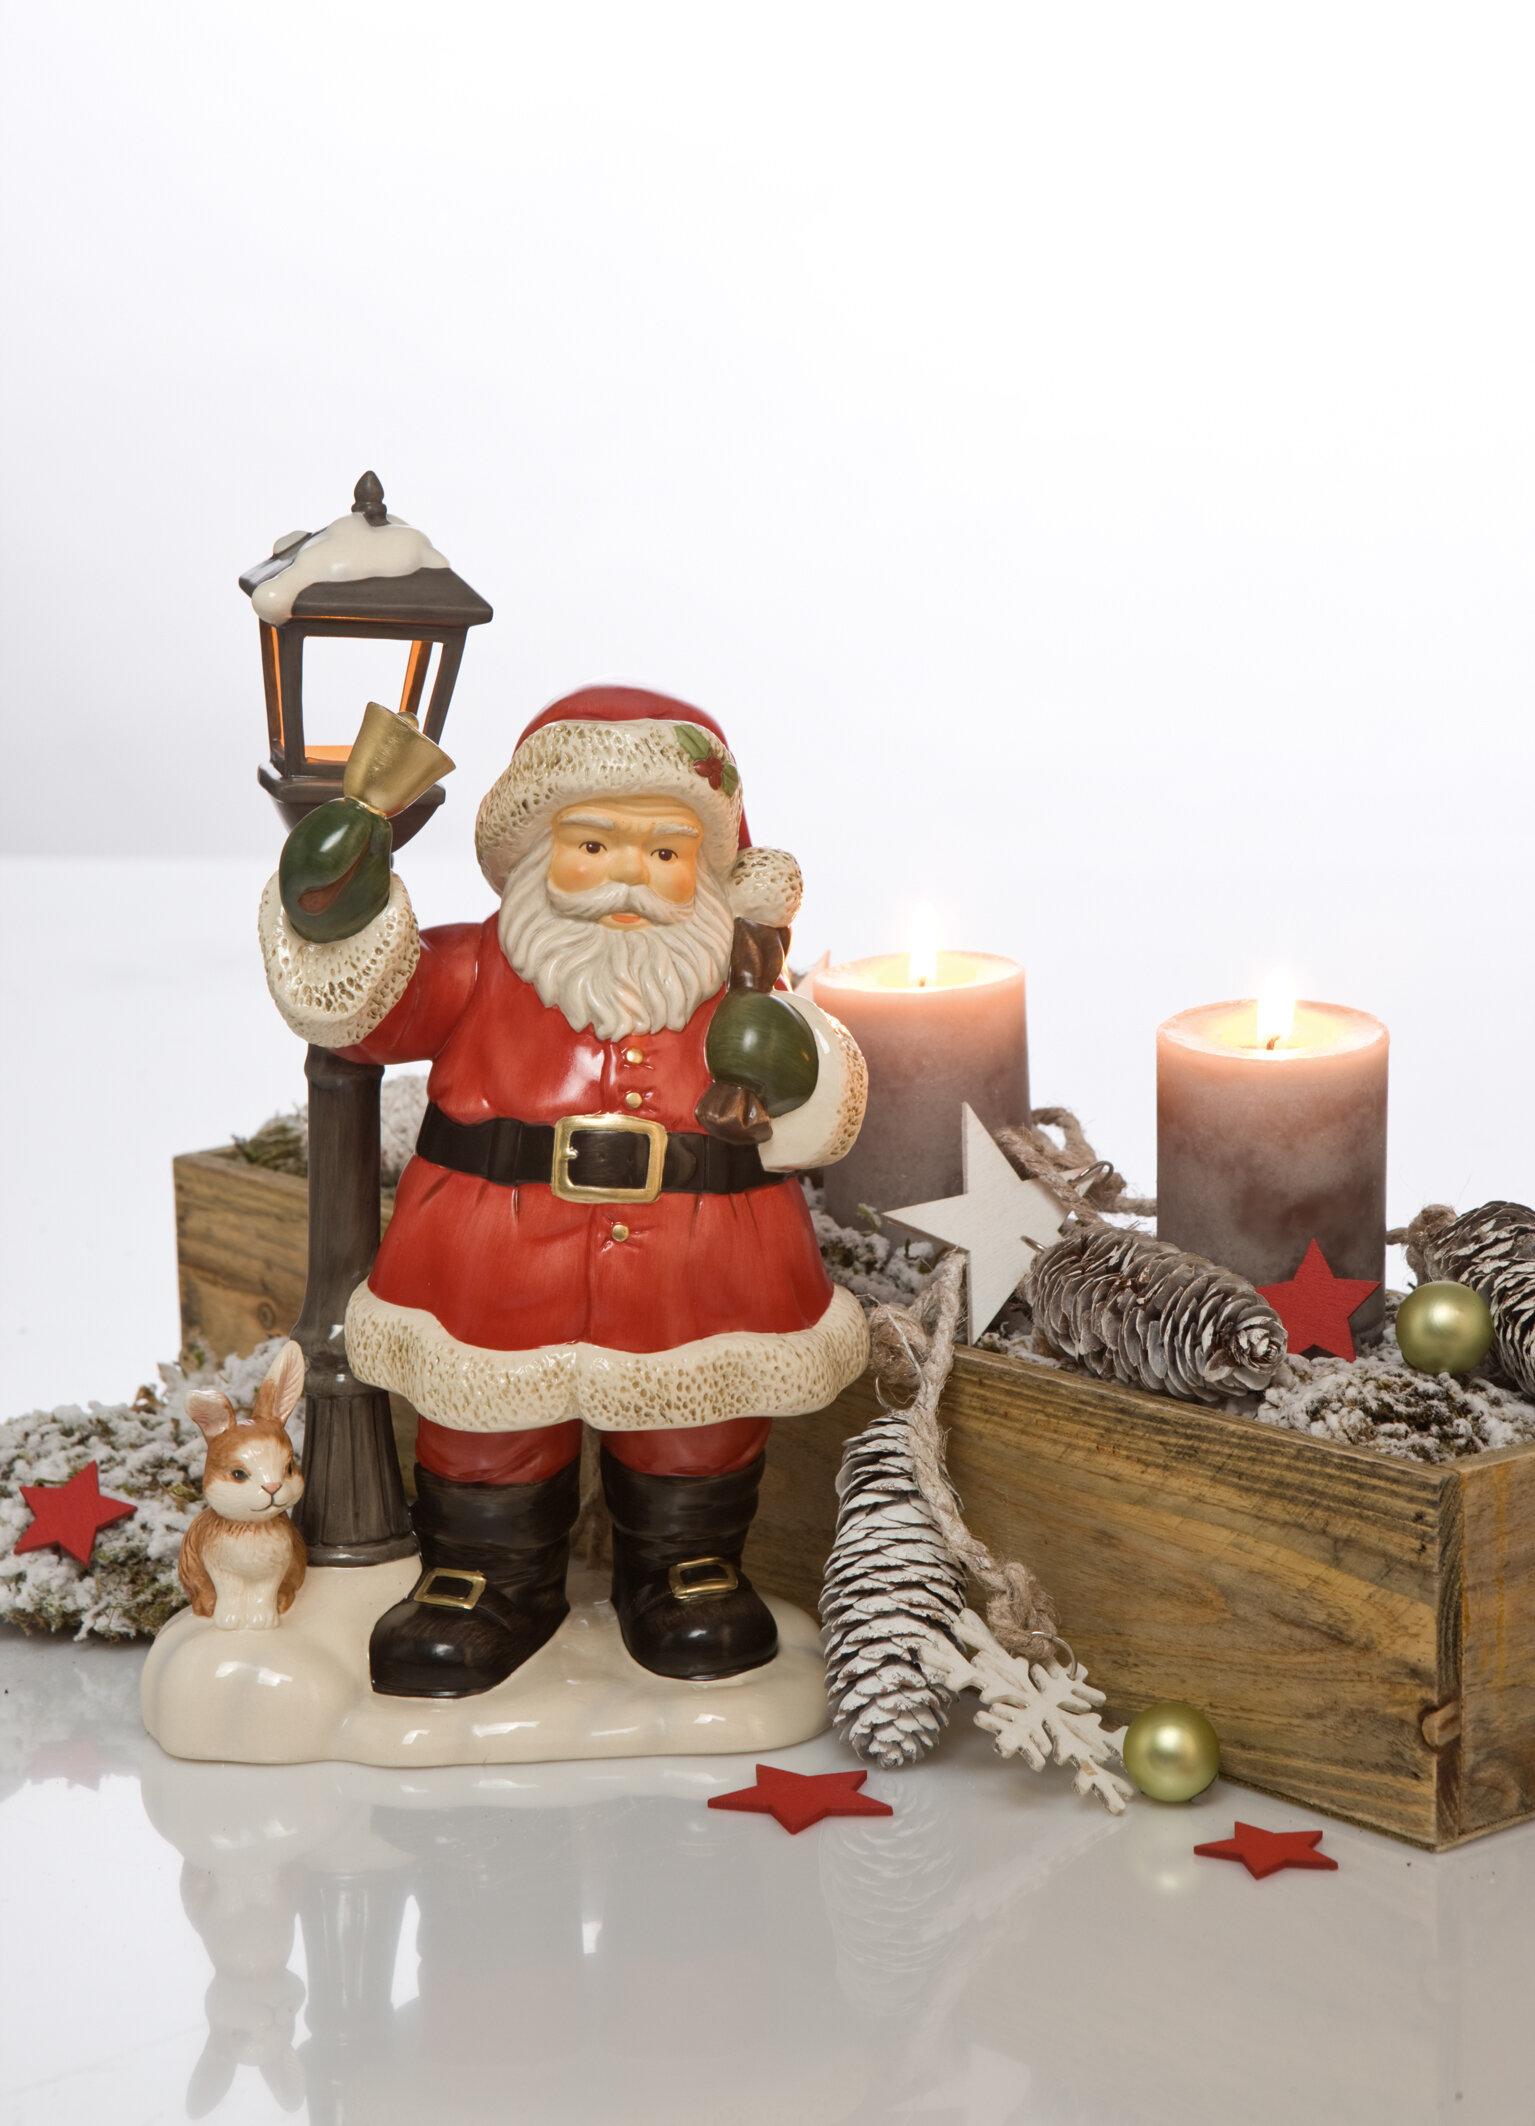 Goebel Figur Auf dem Weg zu den Kindern Weihnachten | Wayfair.de